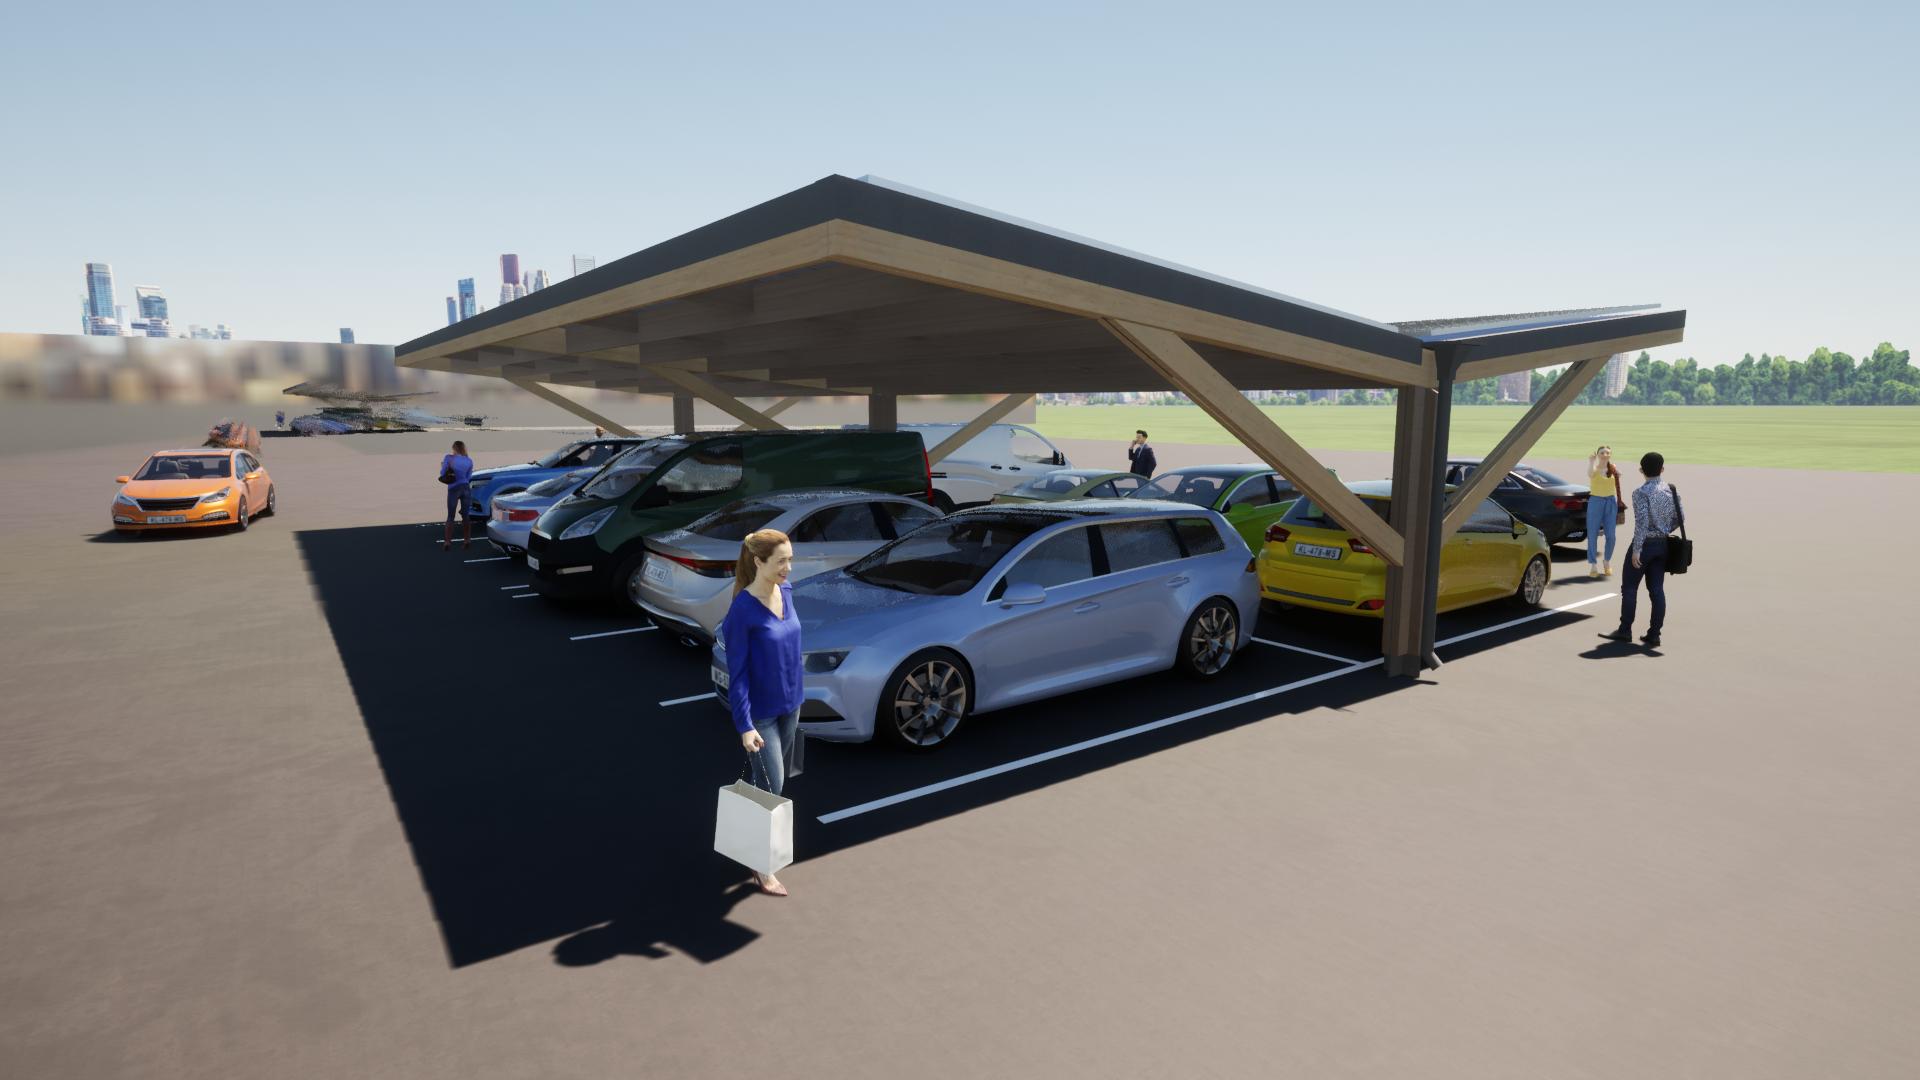 Timber carpark 4